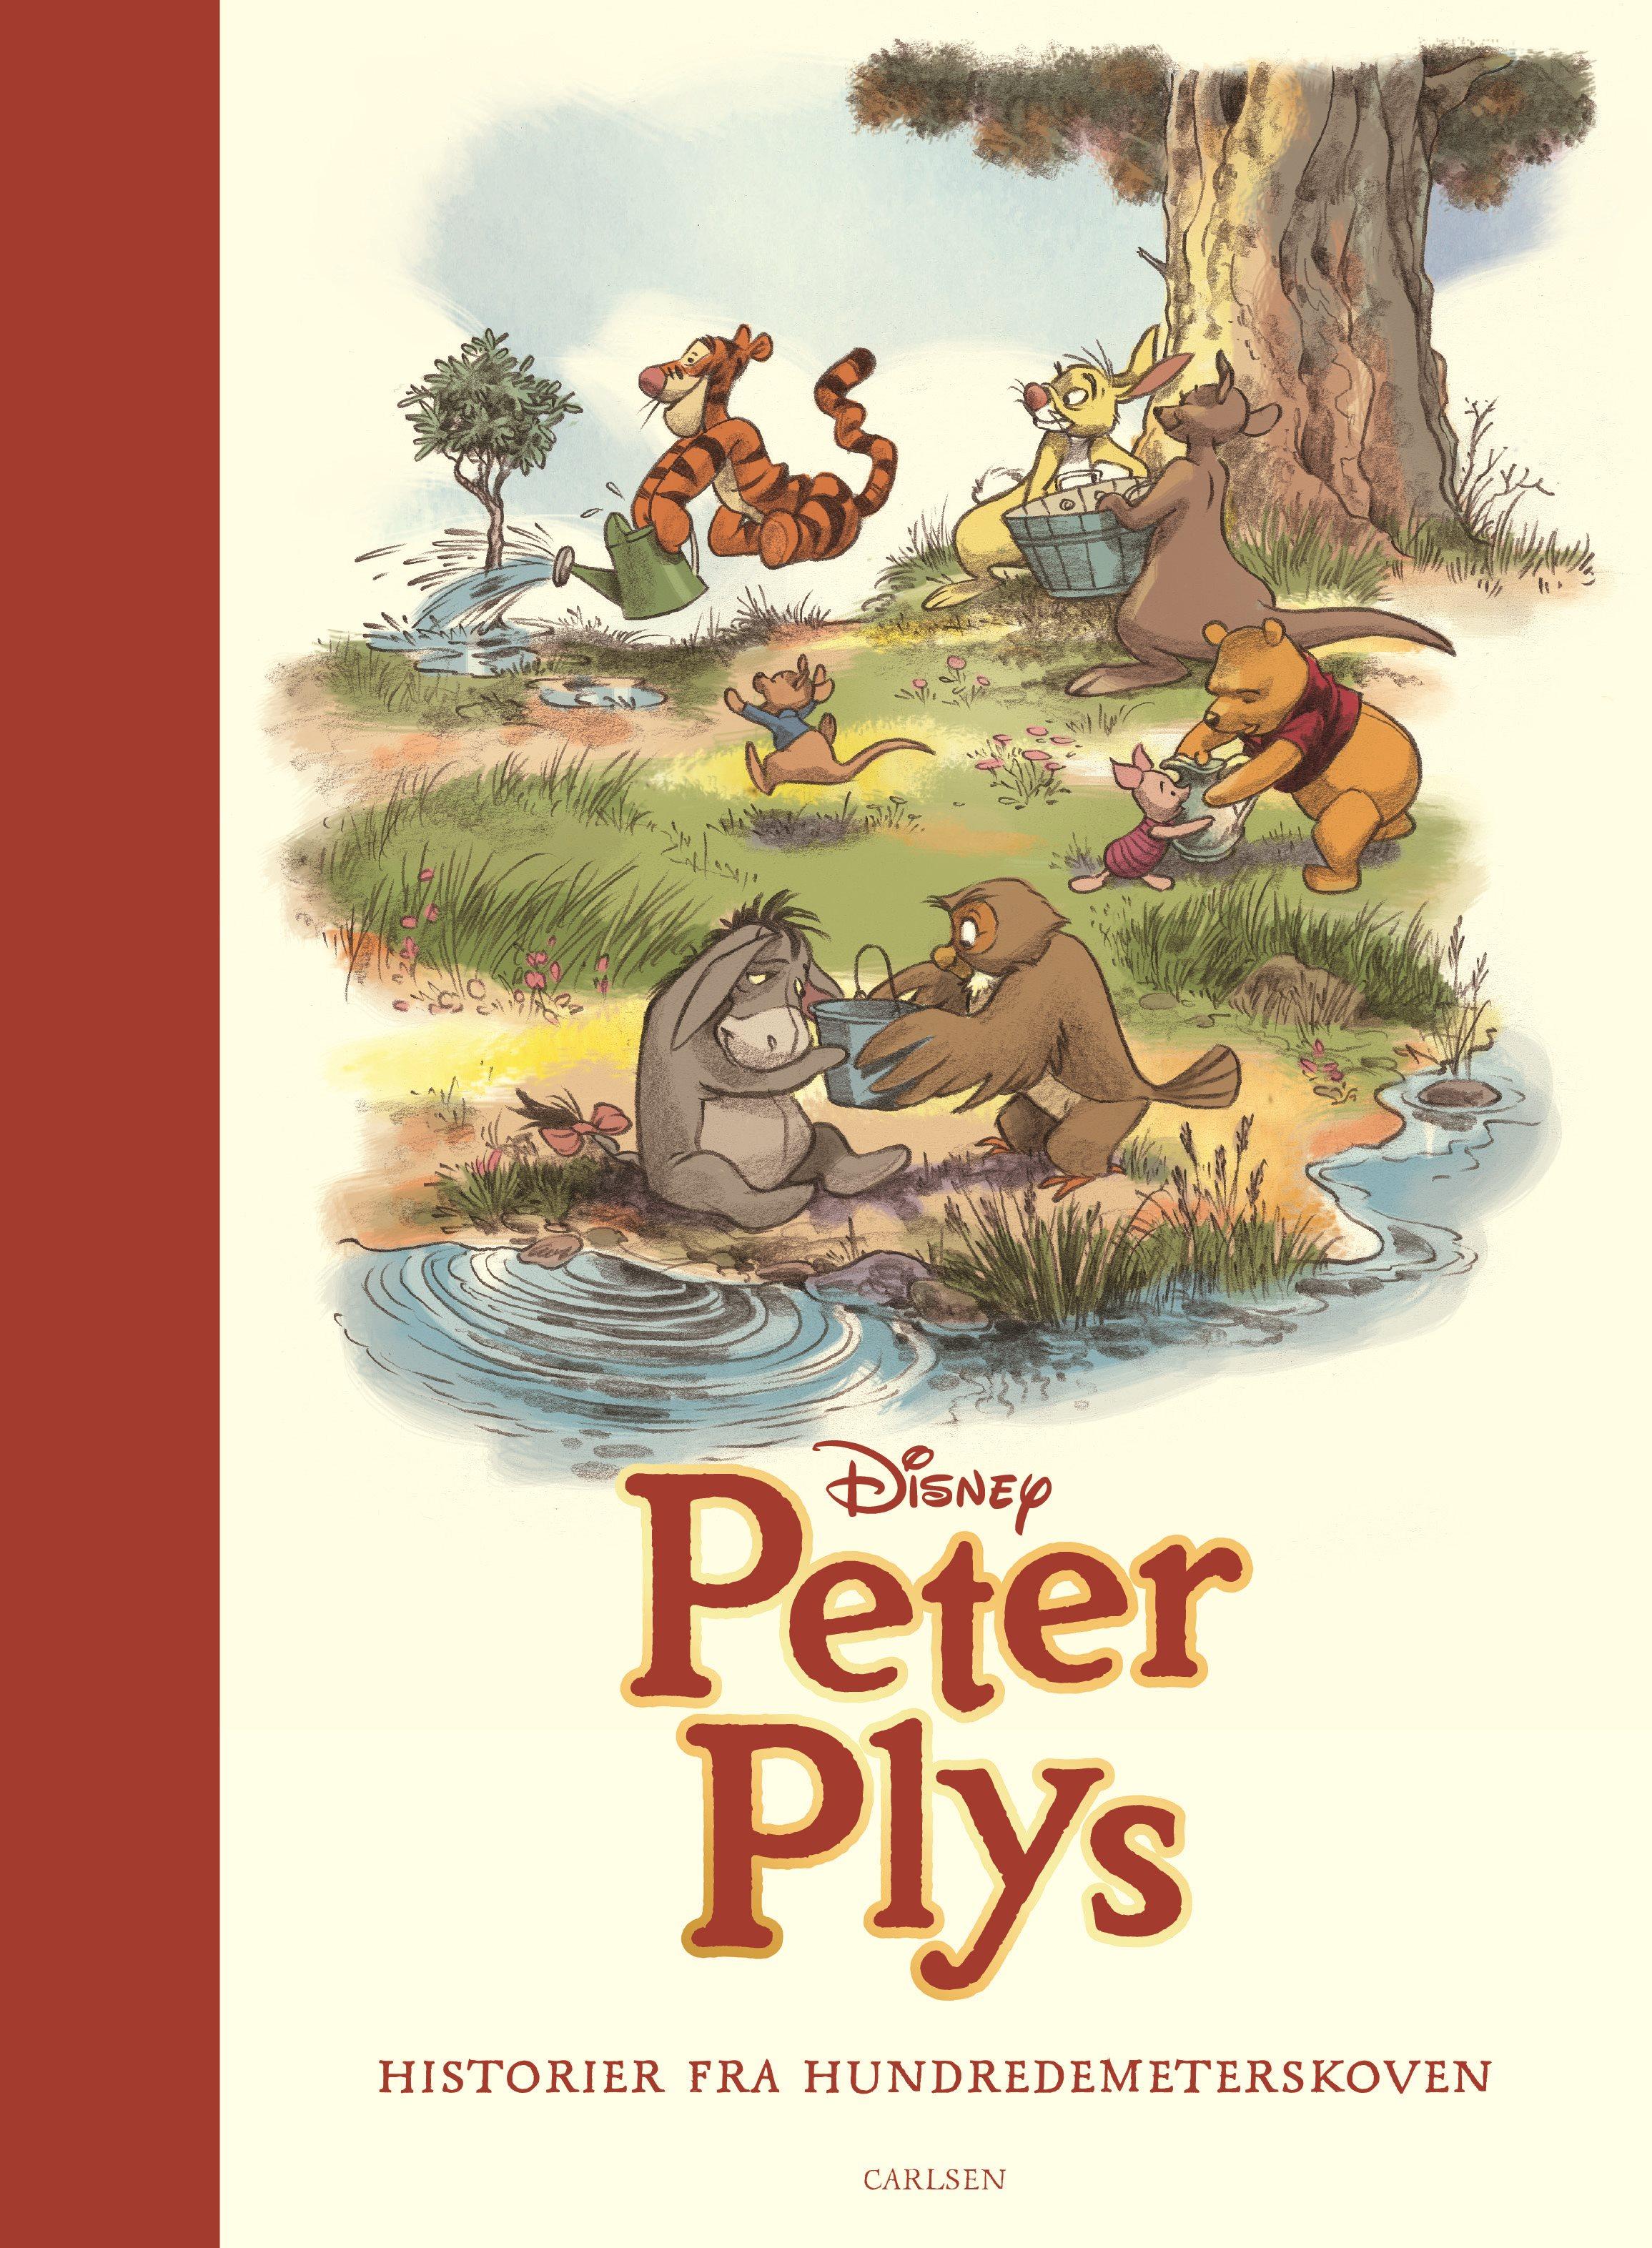 Peter Plys, Historier fra hundredemeterskoven, højtlæsning, højtlæsningbog, billedbog